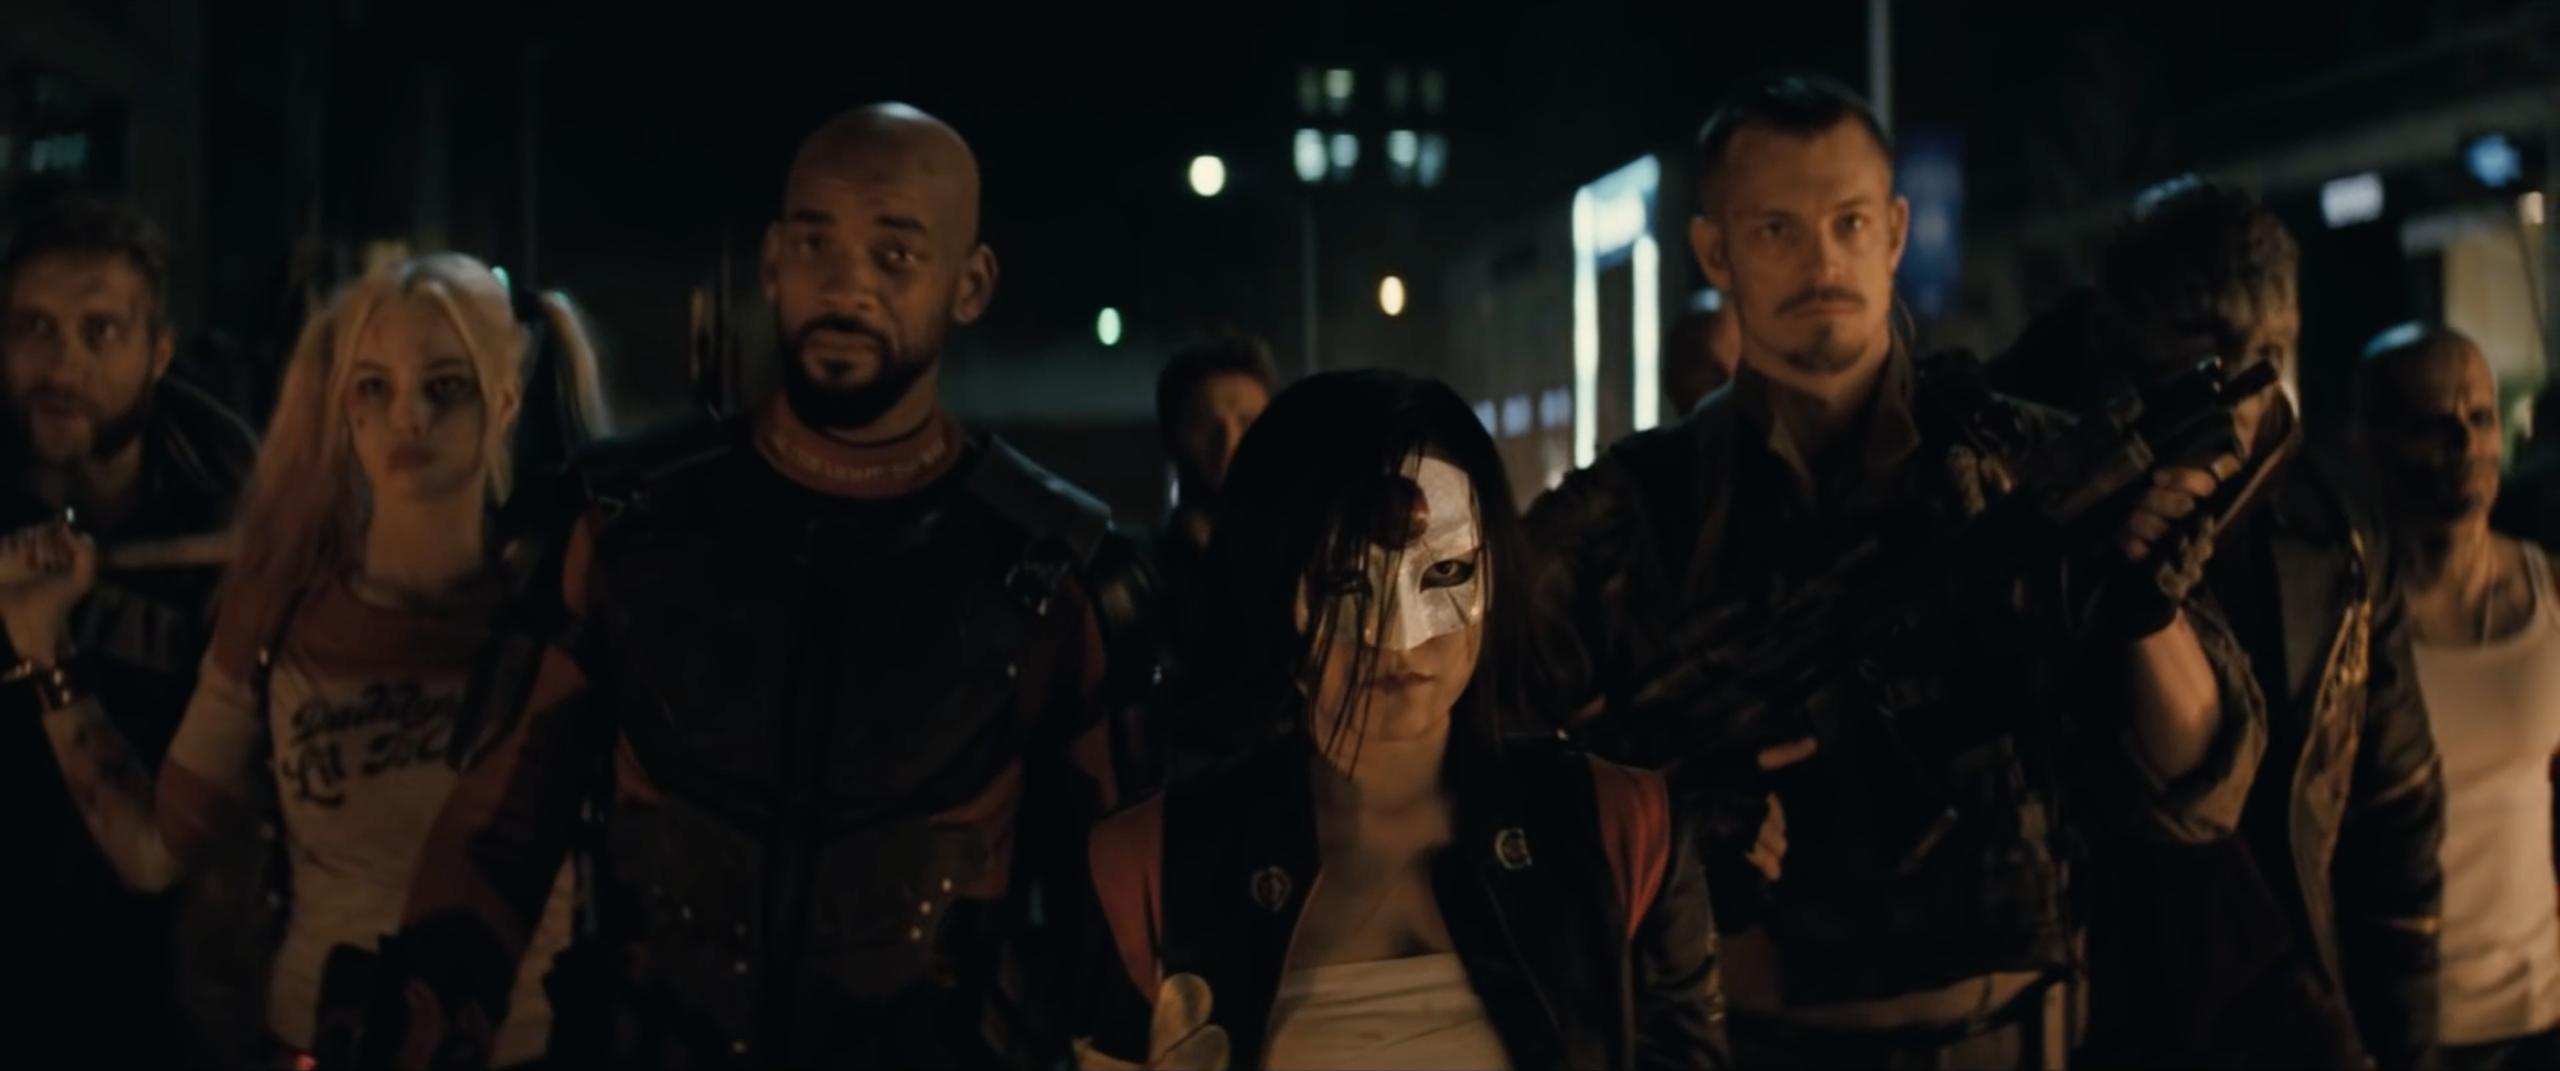 Suicide Squad Film 2016 Wikipedia